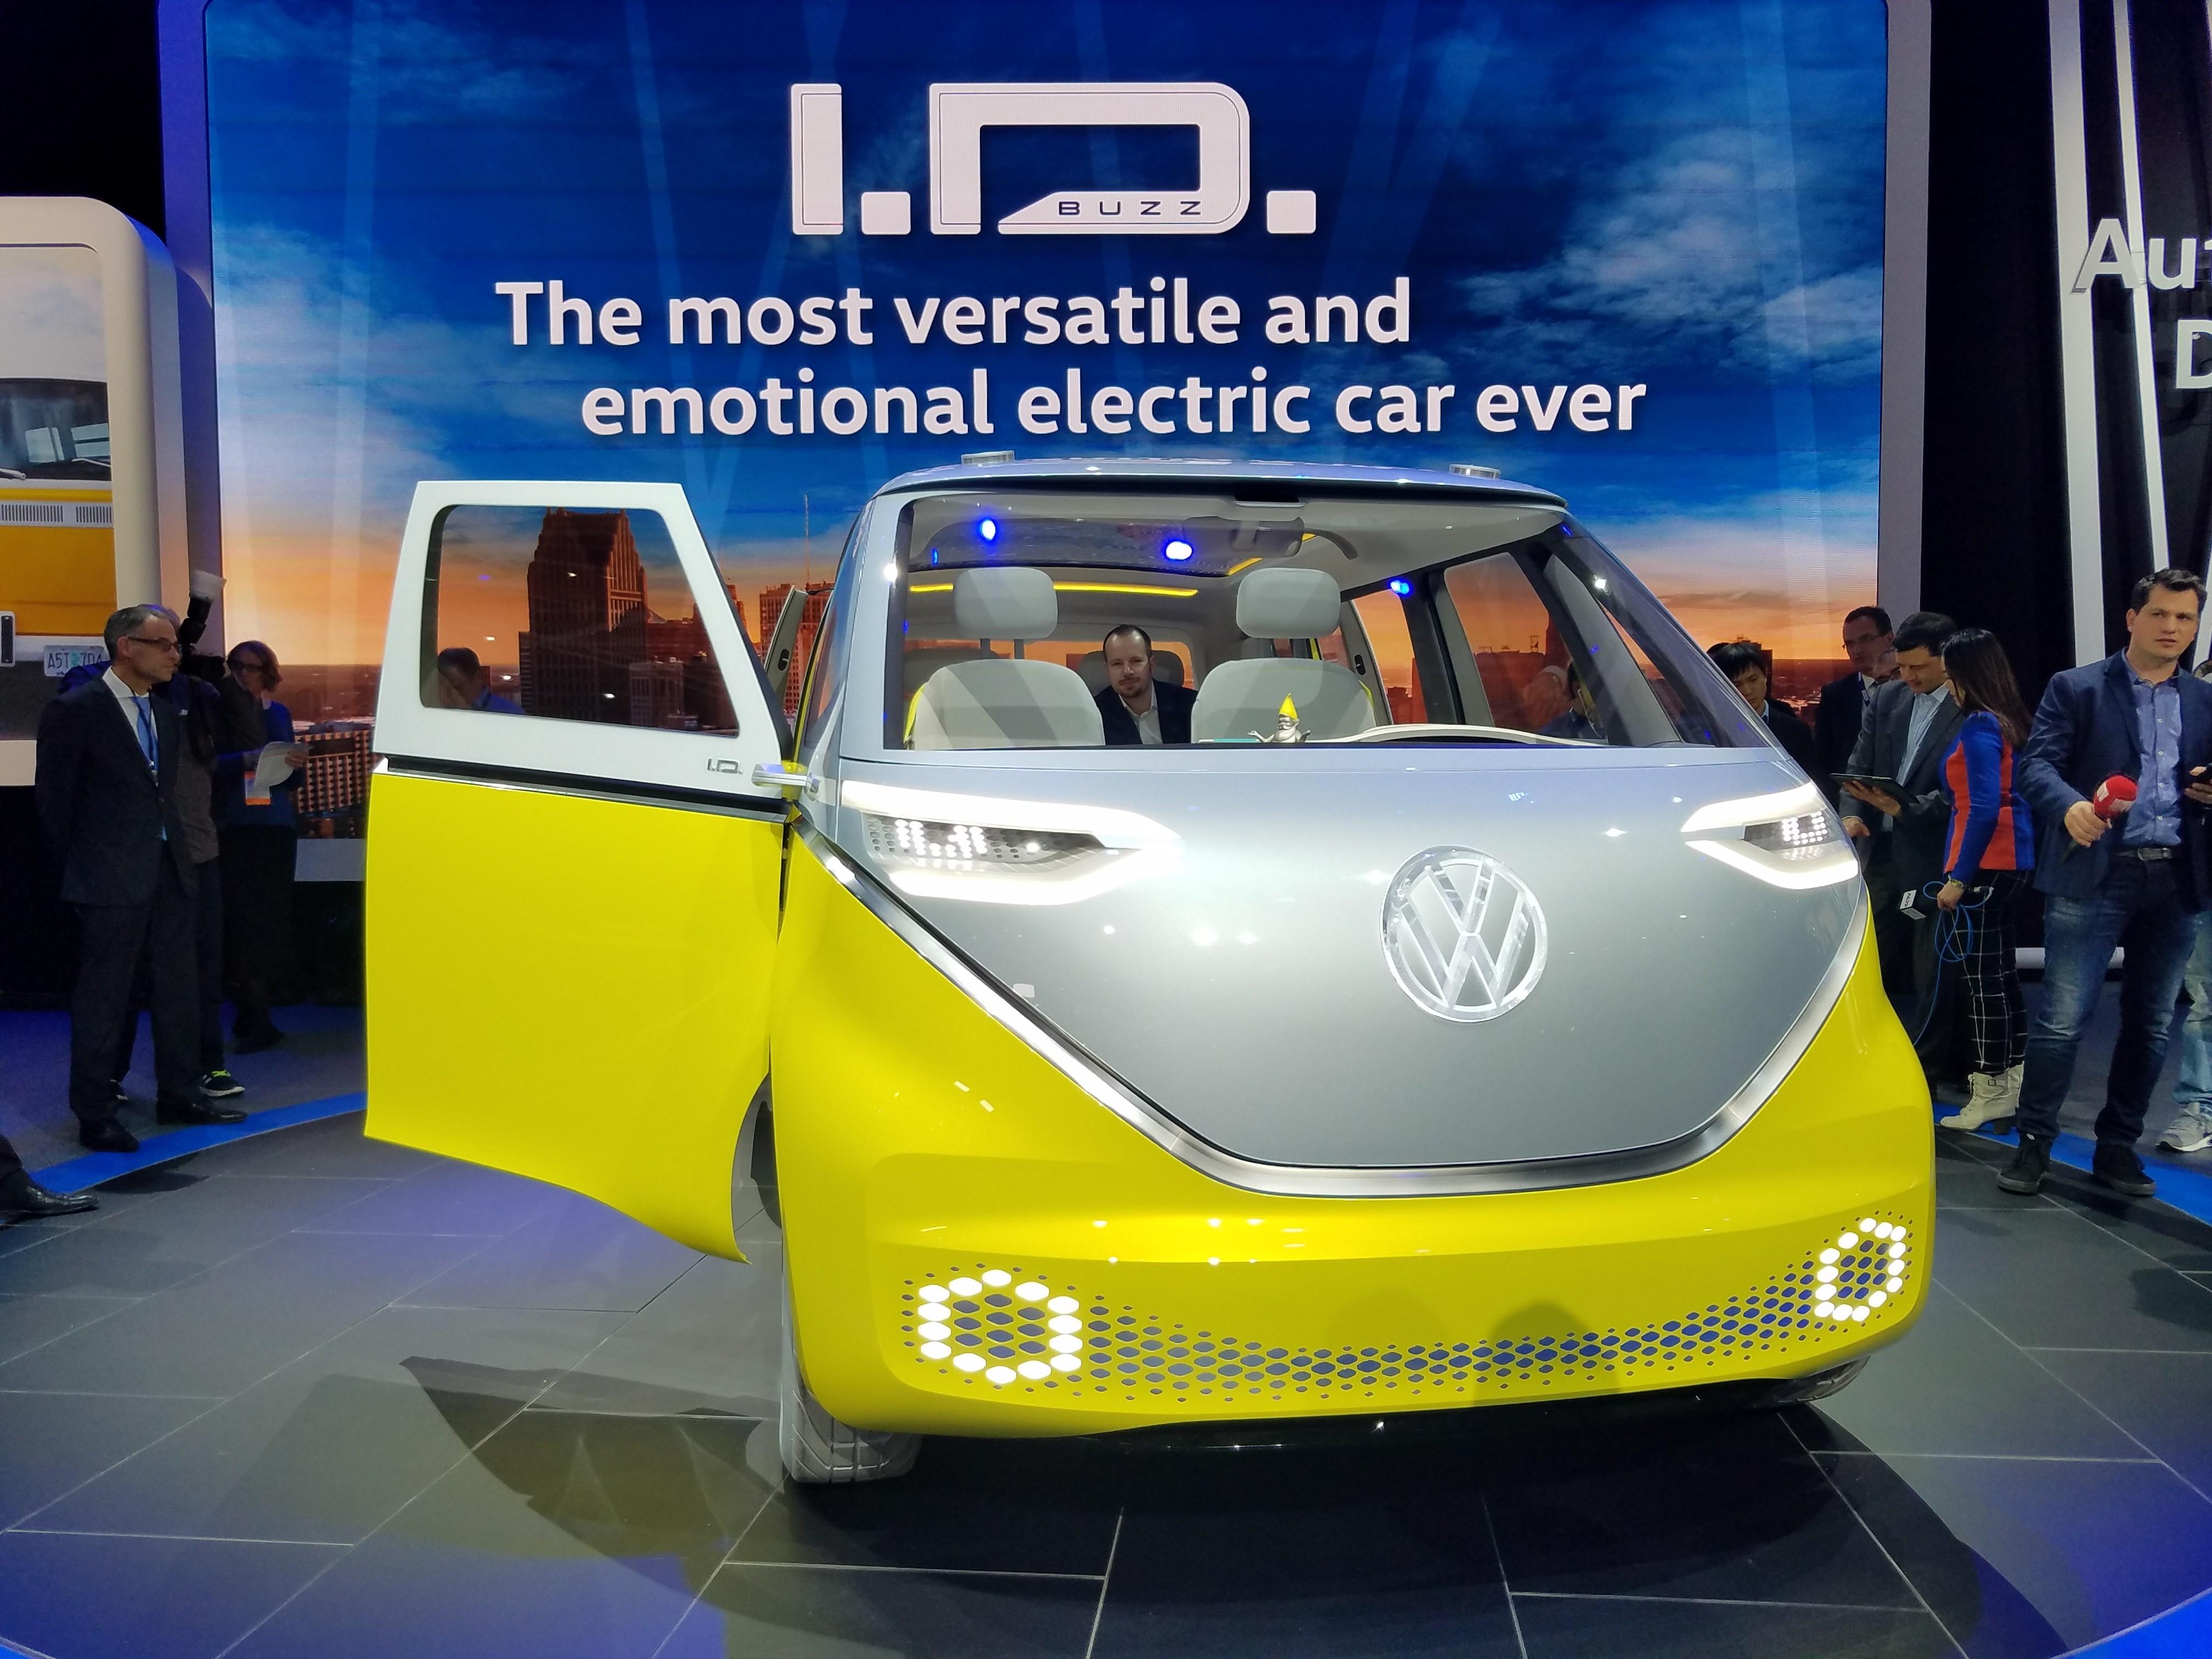 未来大众智能电动车长啥样? 最新答案在这